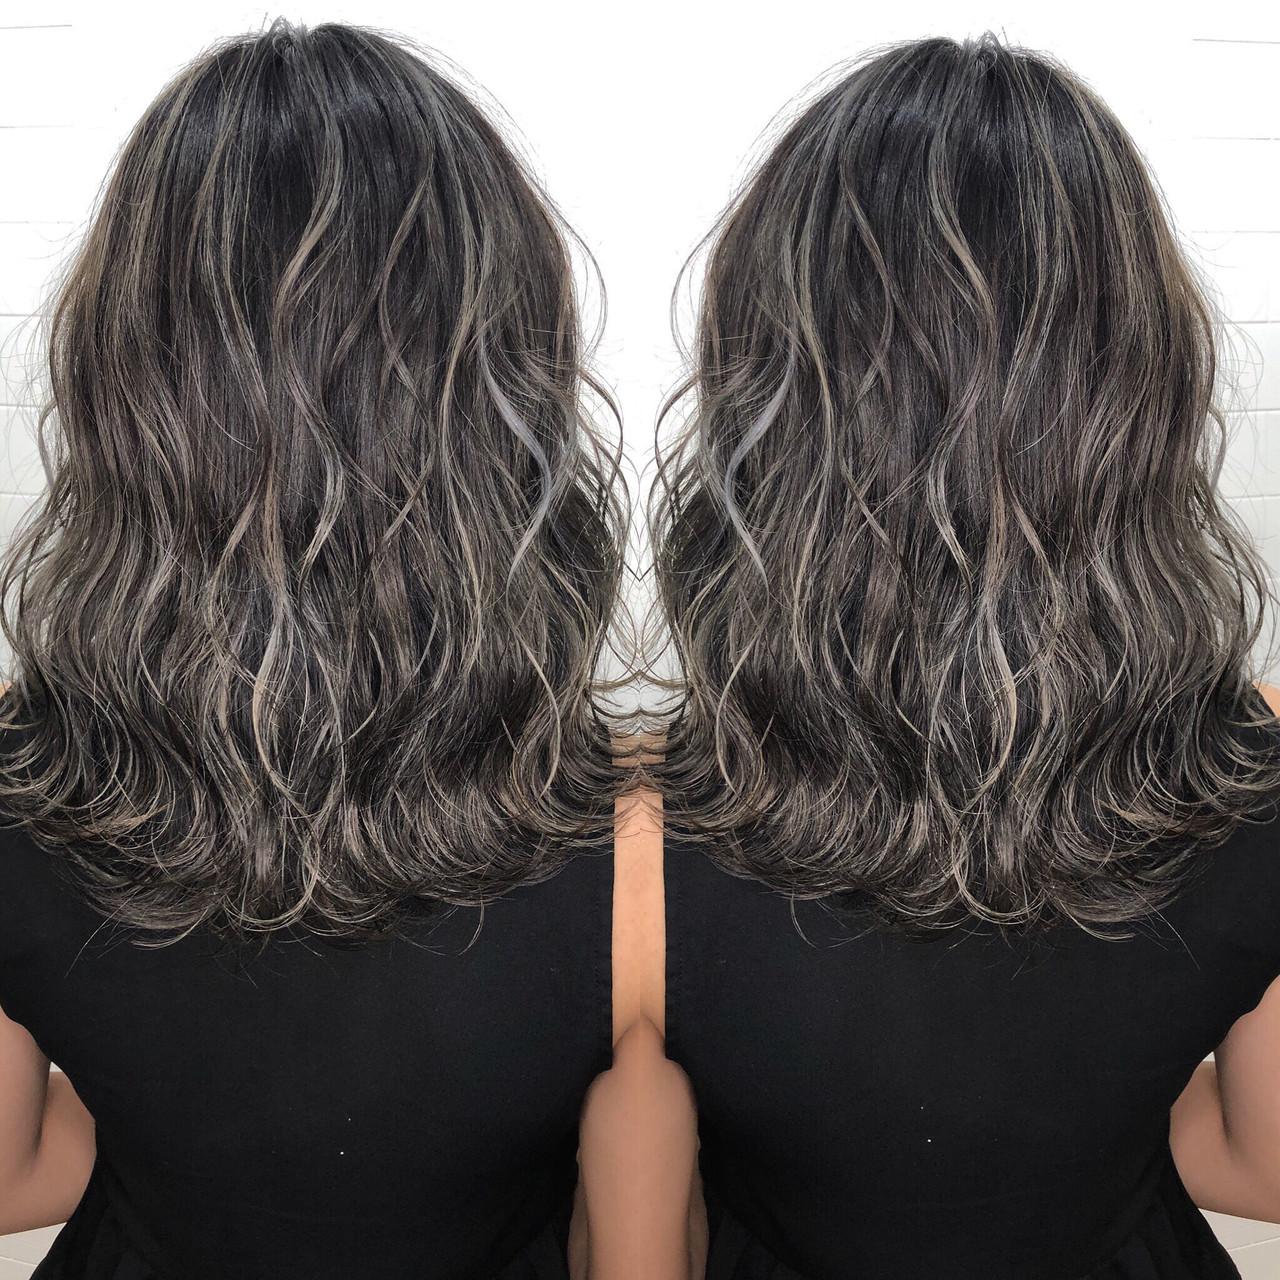 グラデーションカラー ハイライト ミディアム 外国人風カラー ヘアスタイルや髪型の写真・画像 | 岩原 基典 / 心斎橋 laurel